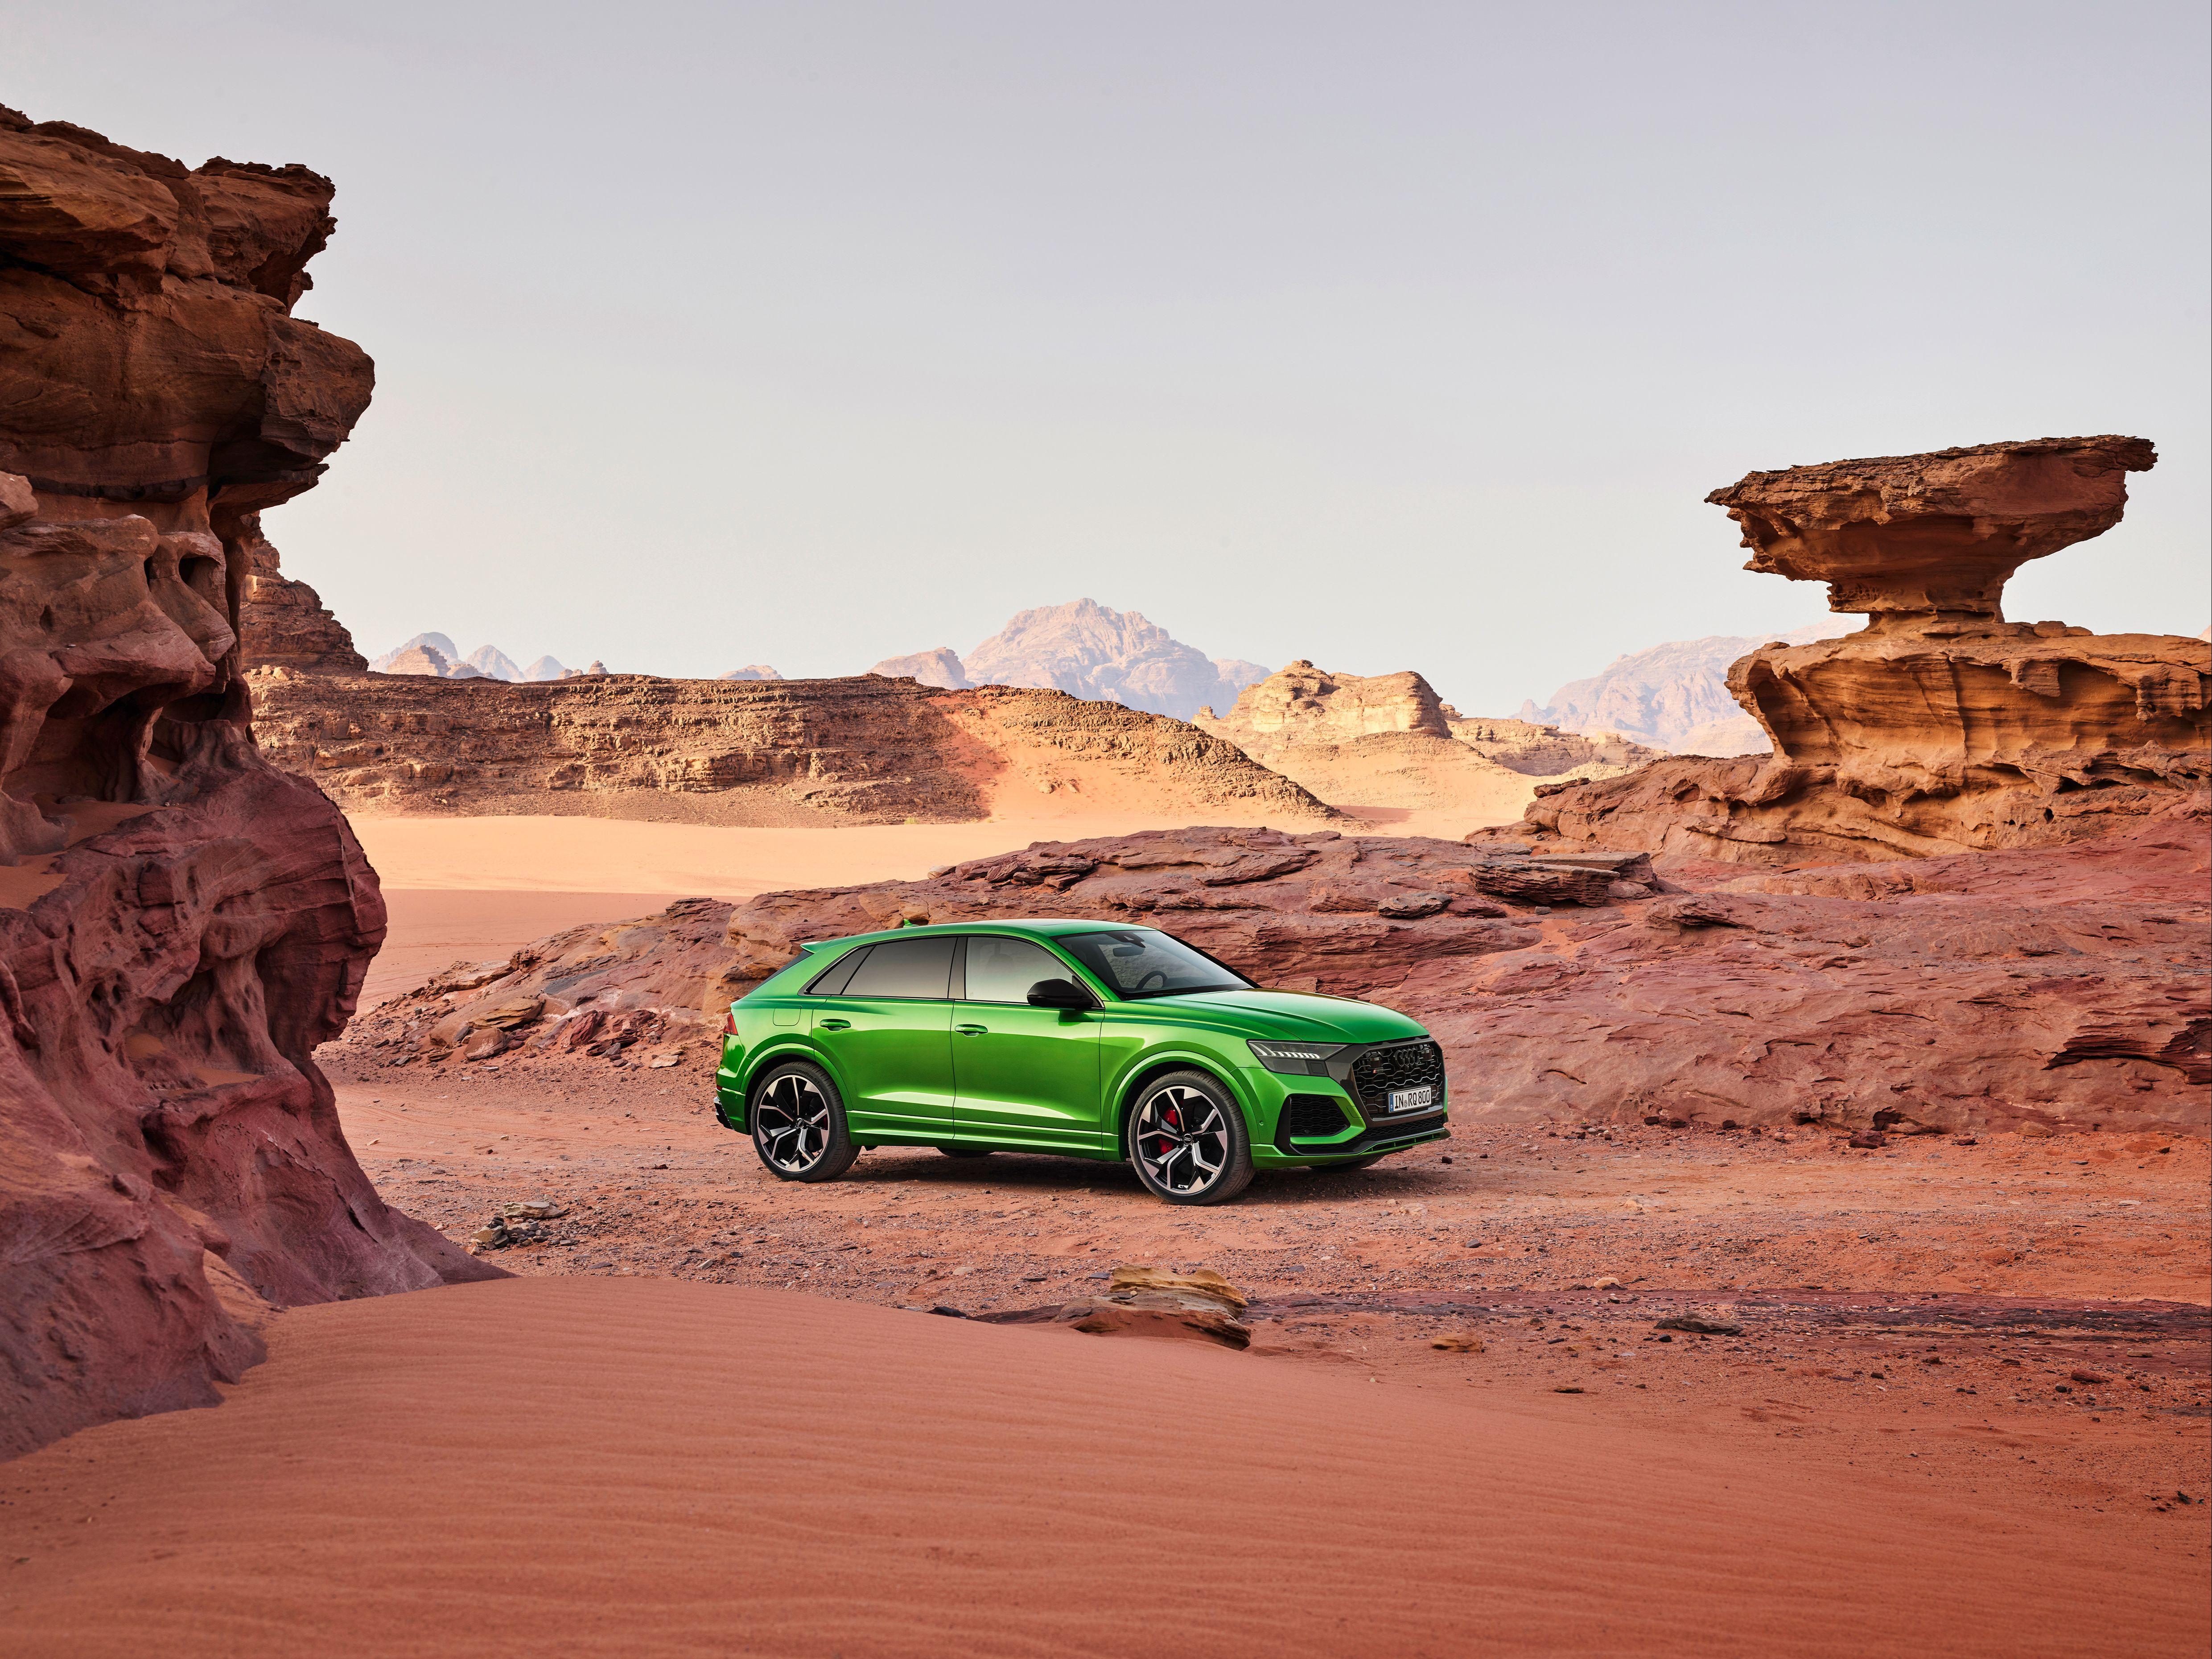 Green Audi RS Q8